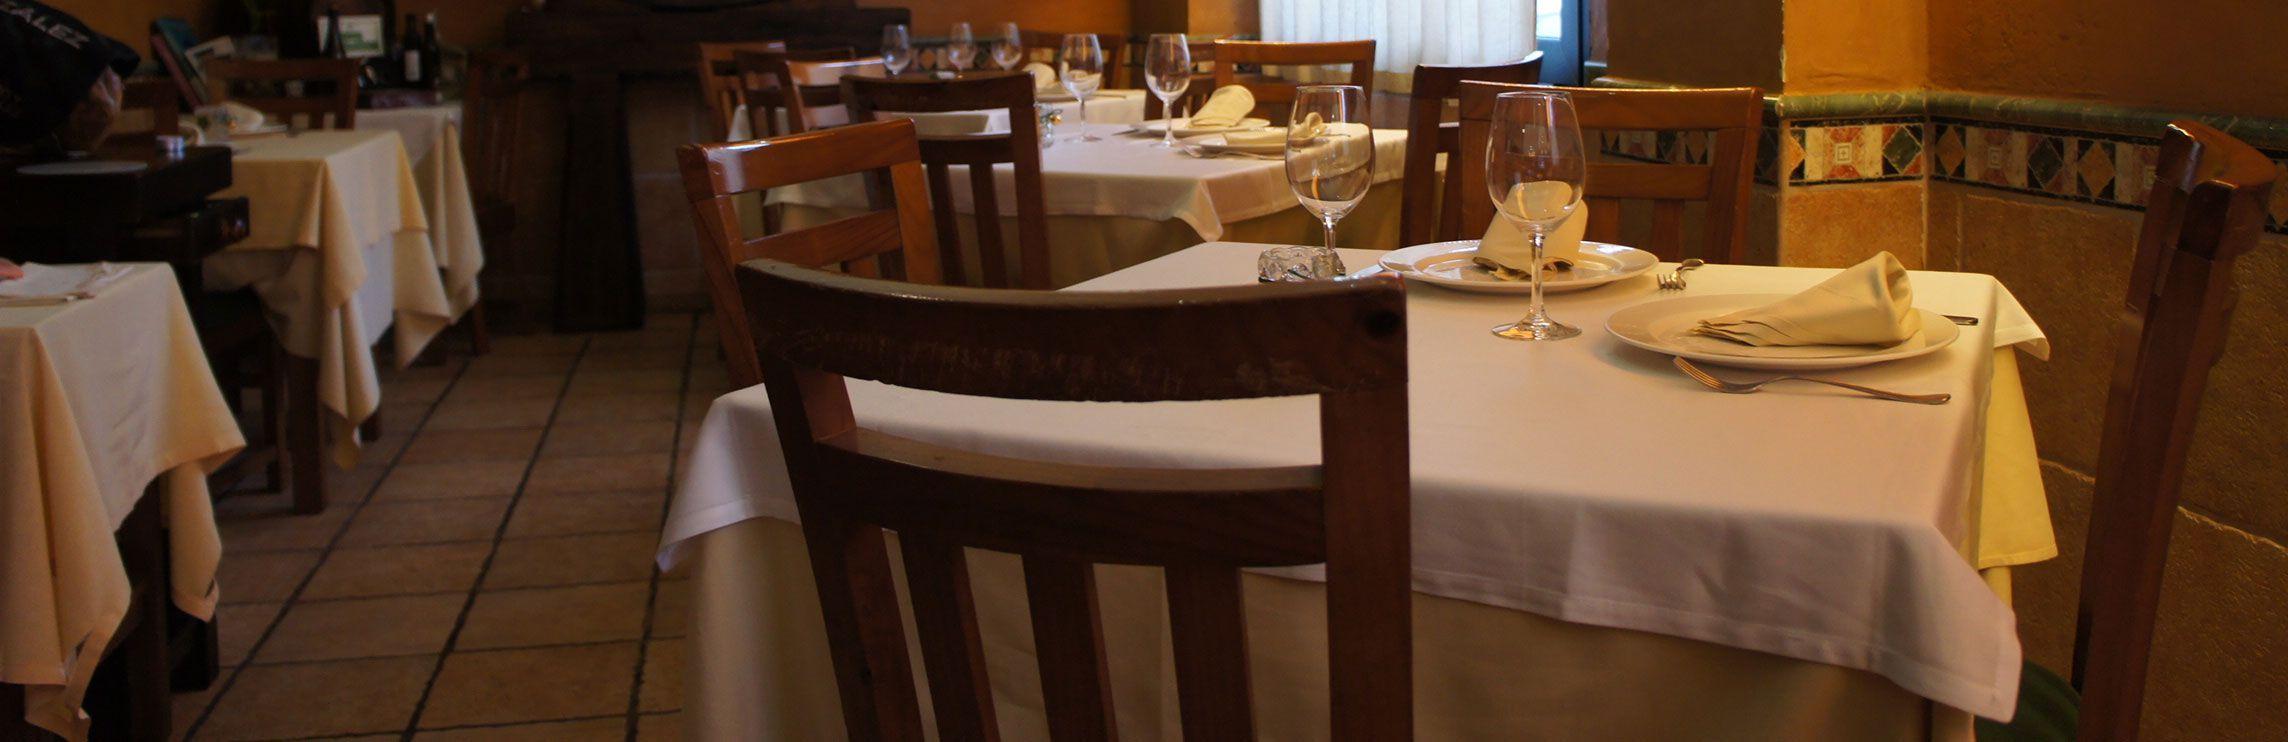 Restaurante Sidrería El Tonel